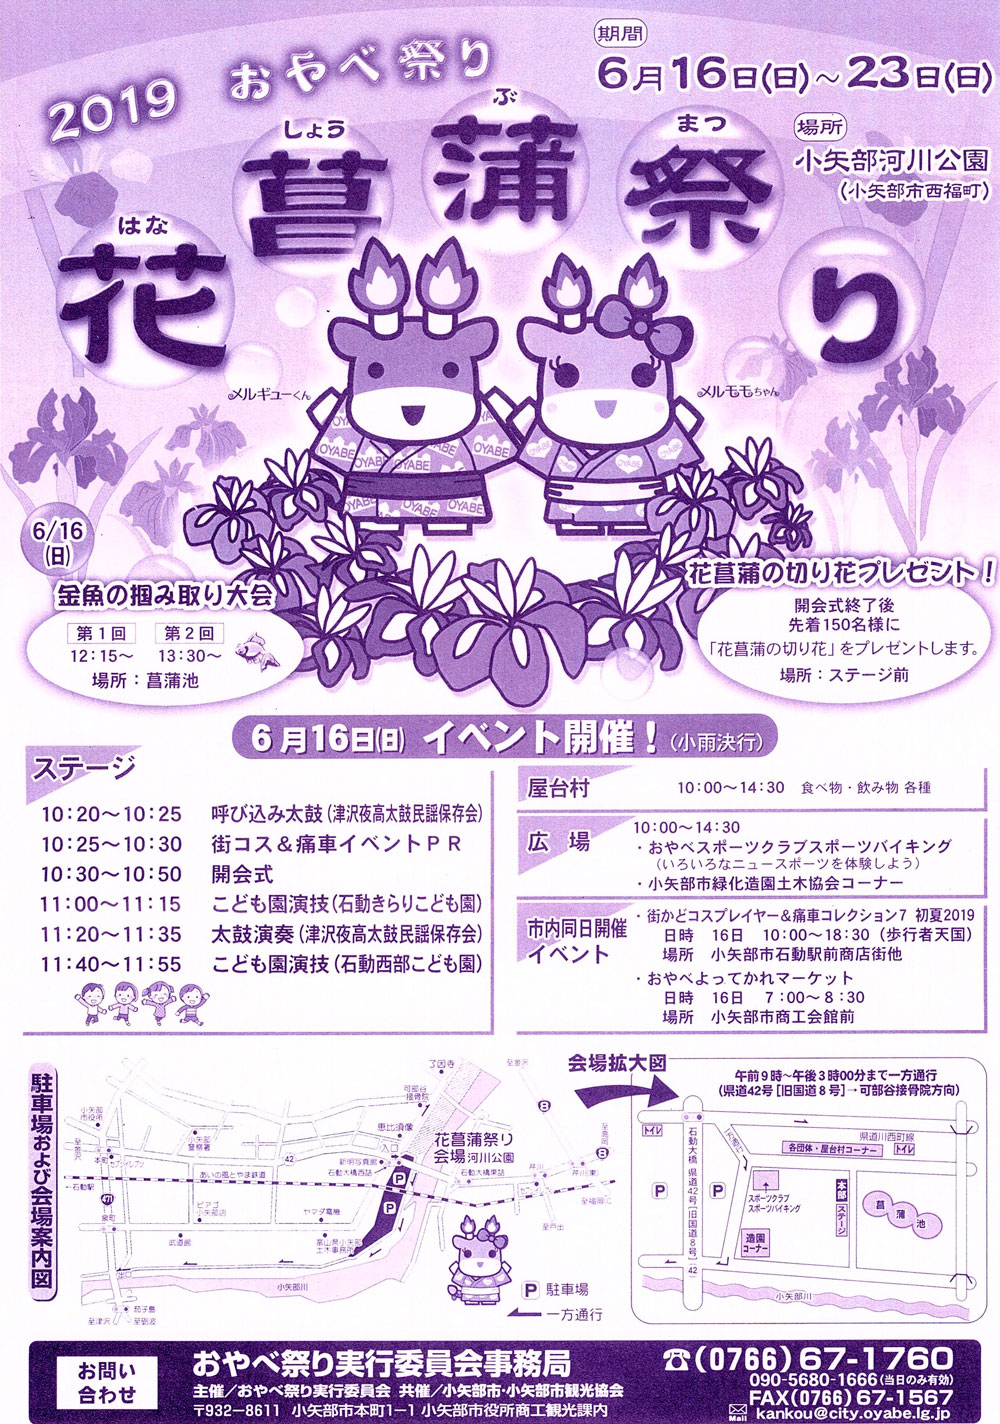 おやべ祭りの一つ「小矢部市の花菖蒲祭り2019」のチラシ